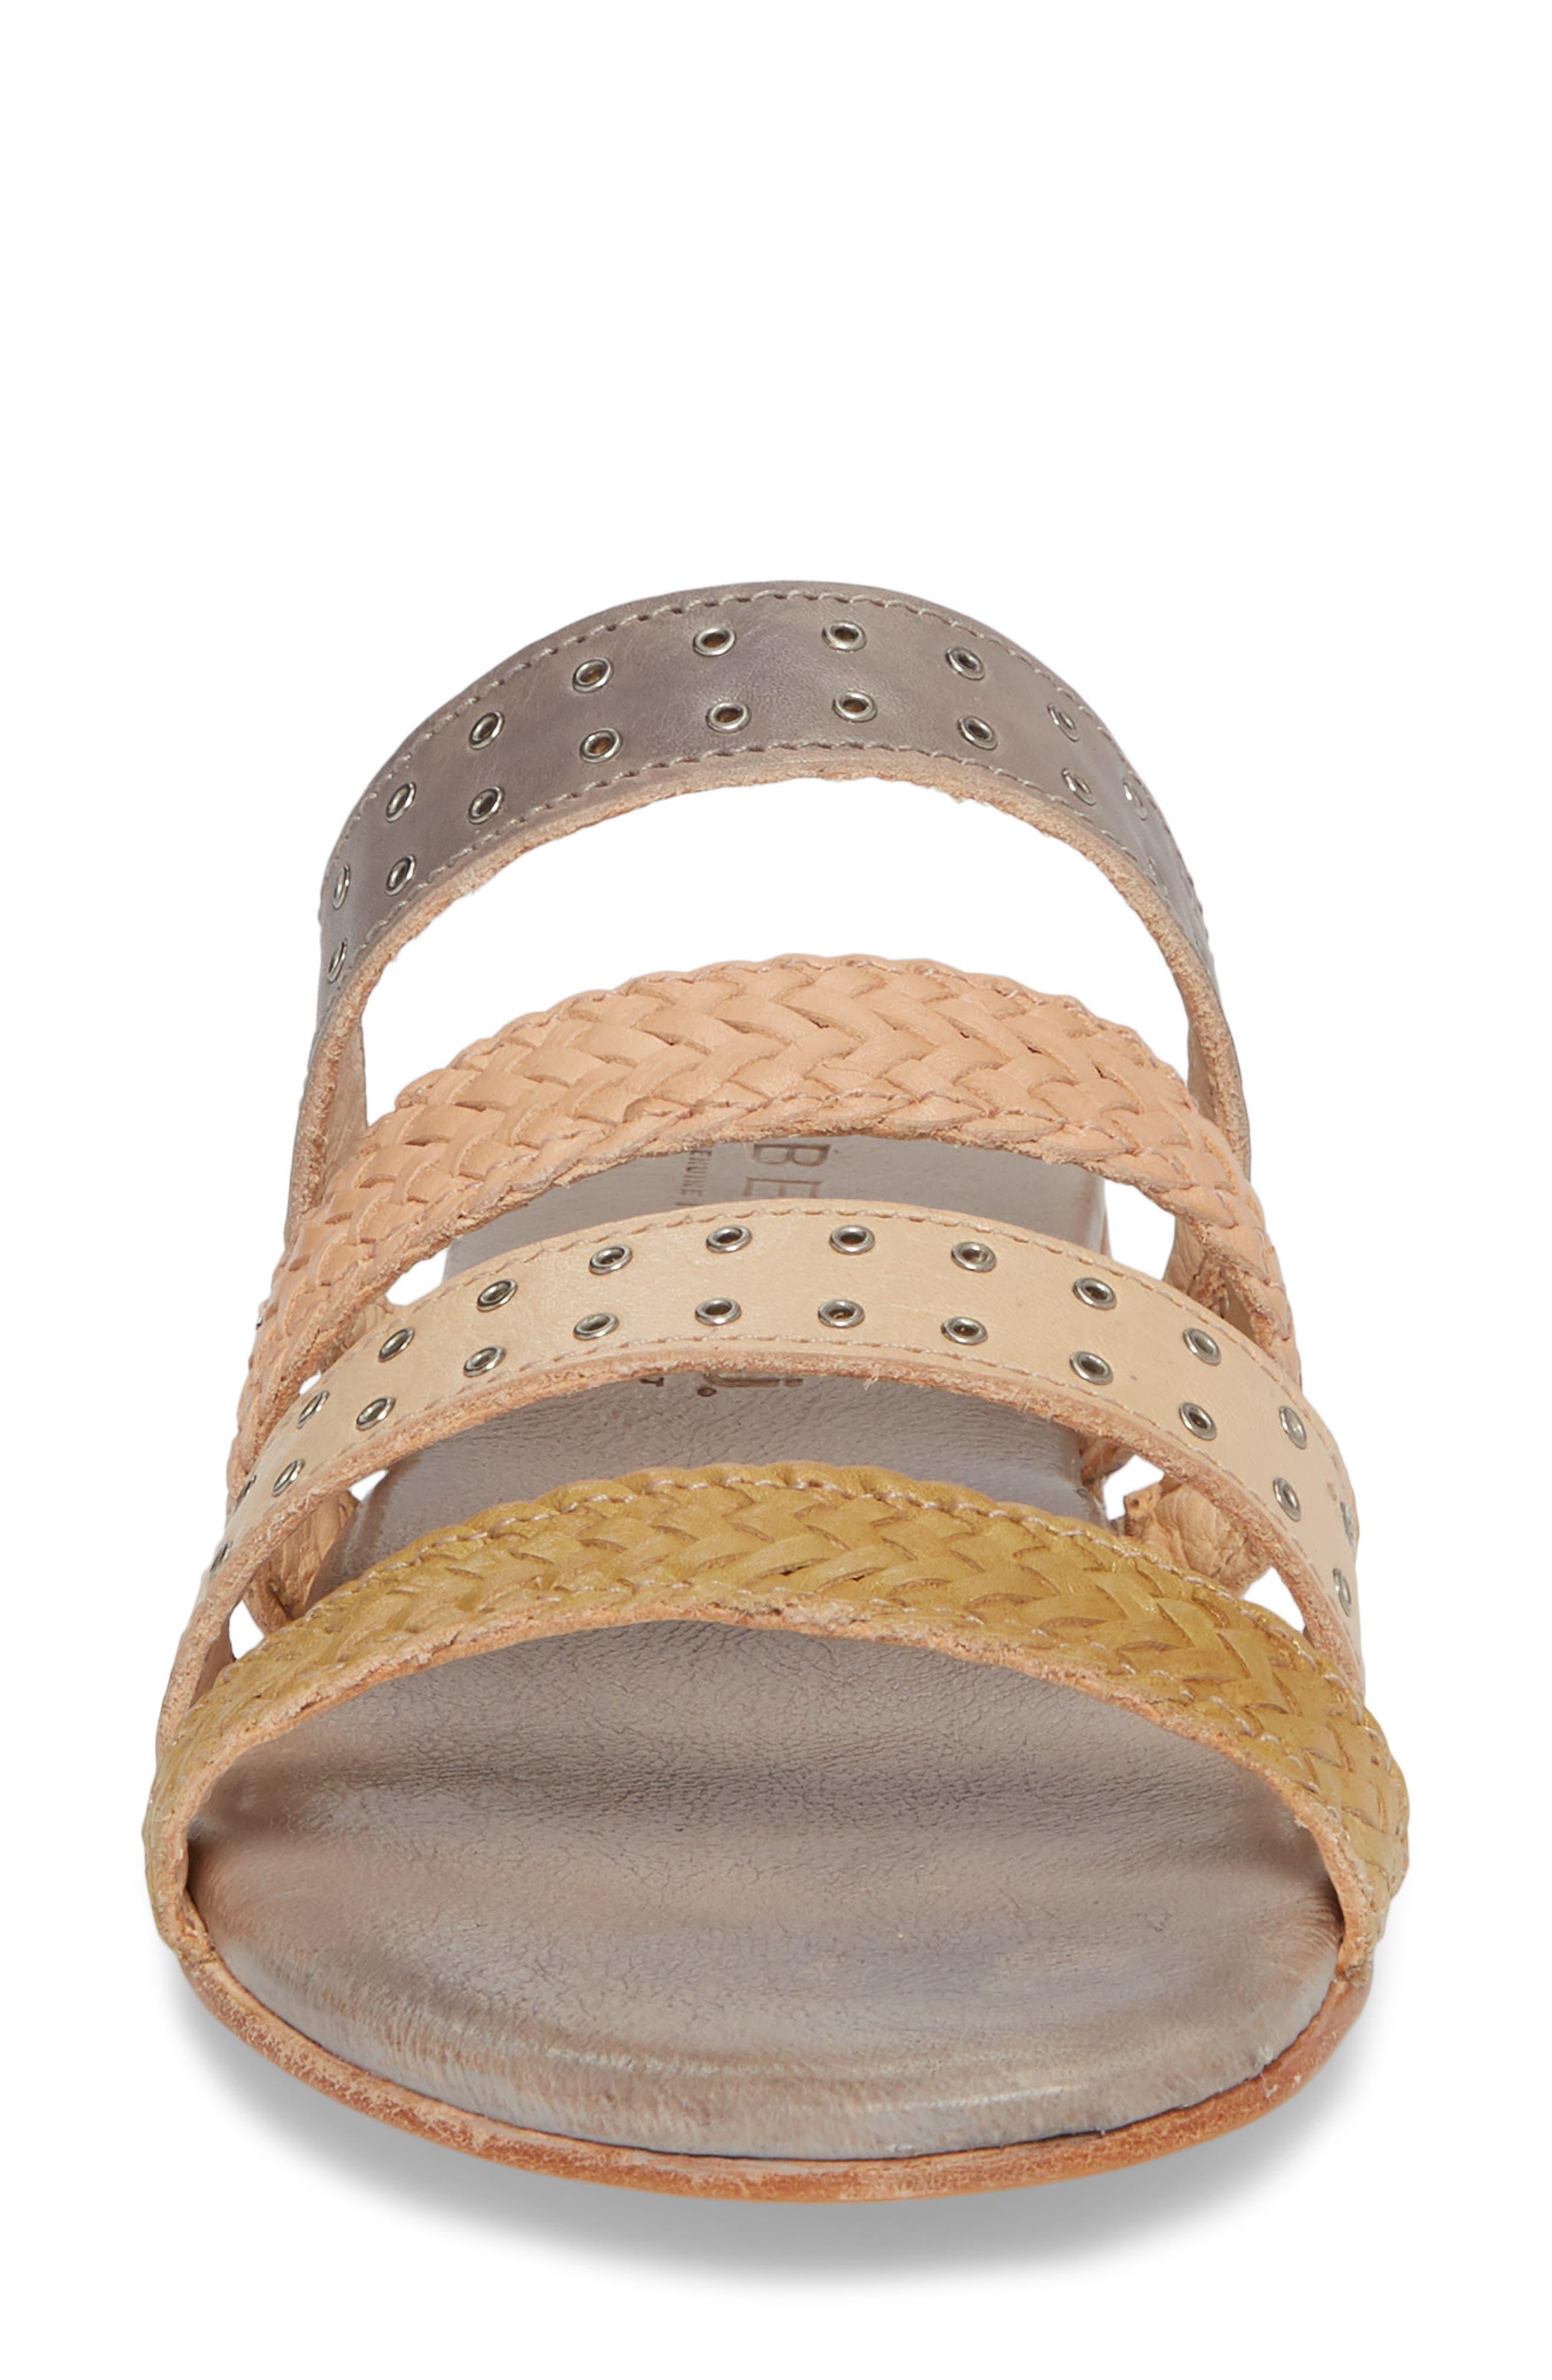 Henna Slide Sandal,                             Alternate thumbnail 4, color,                             CASHEW/ LIGHT GREY LEATHER